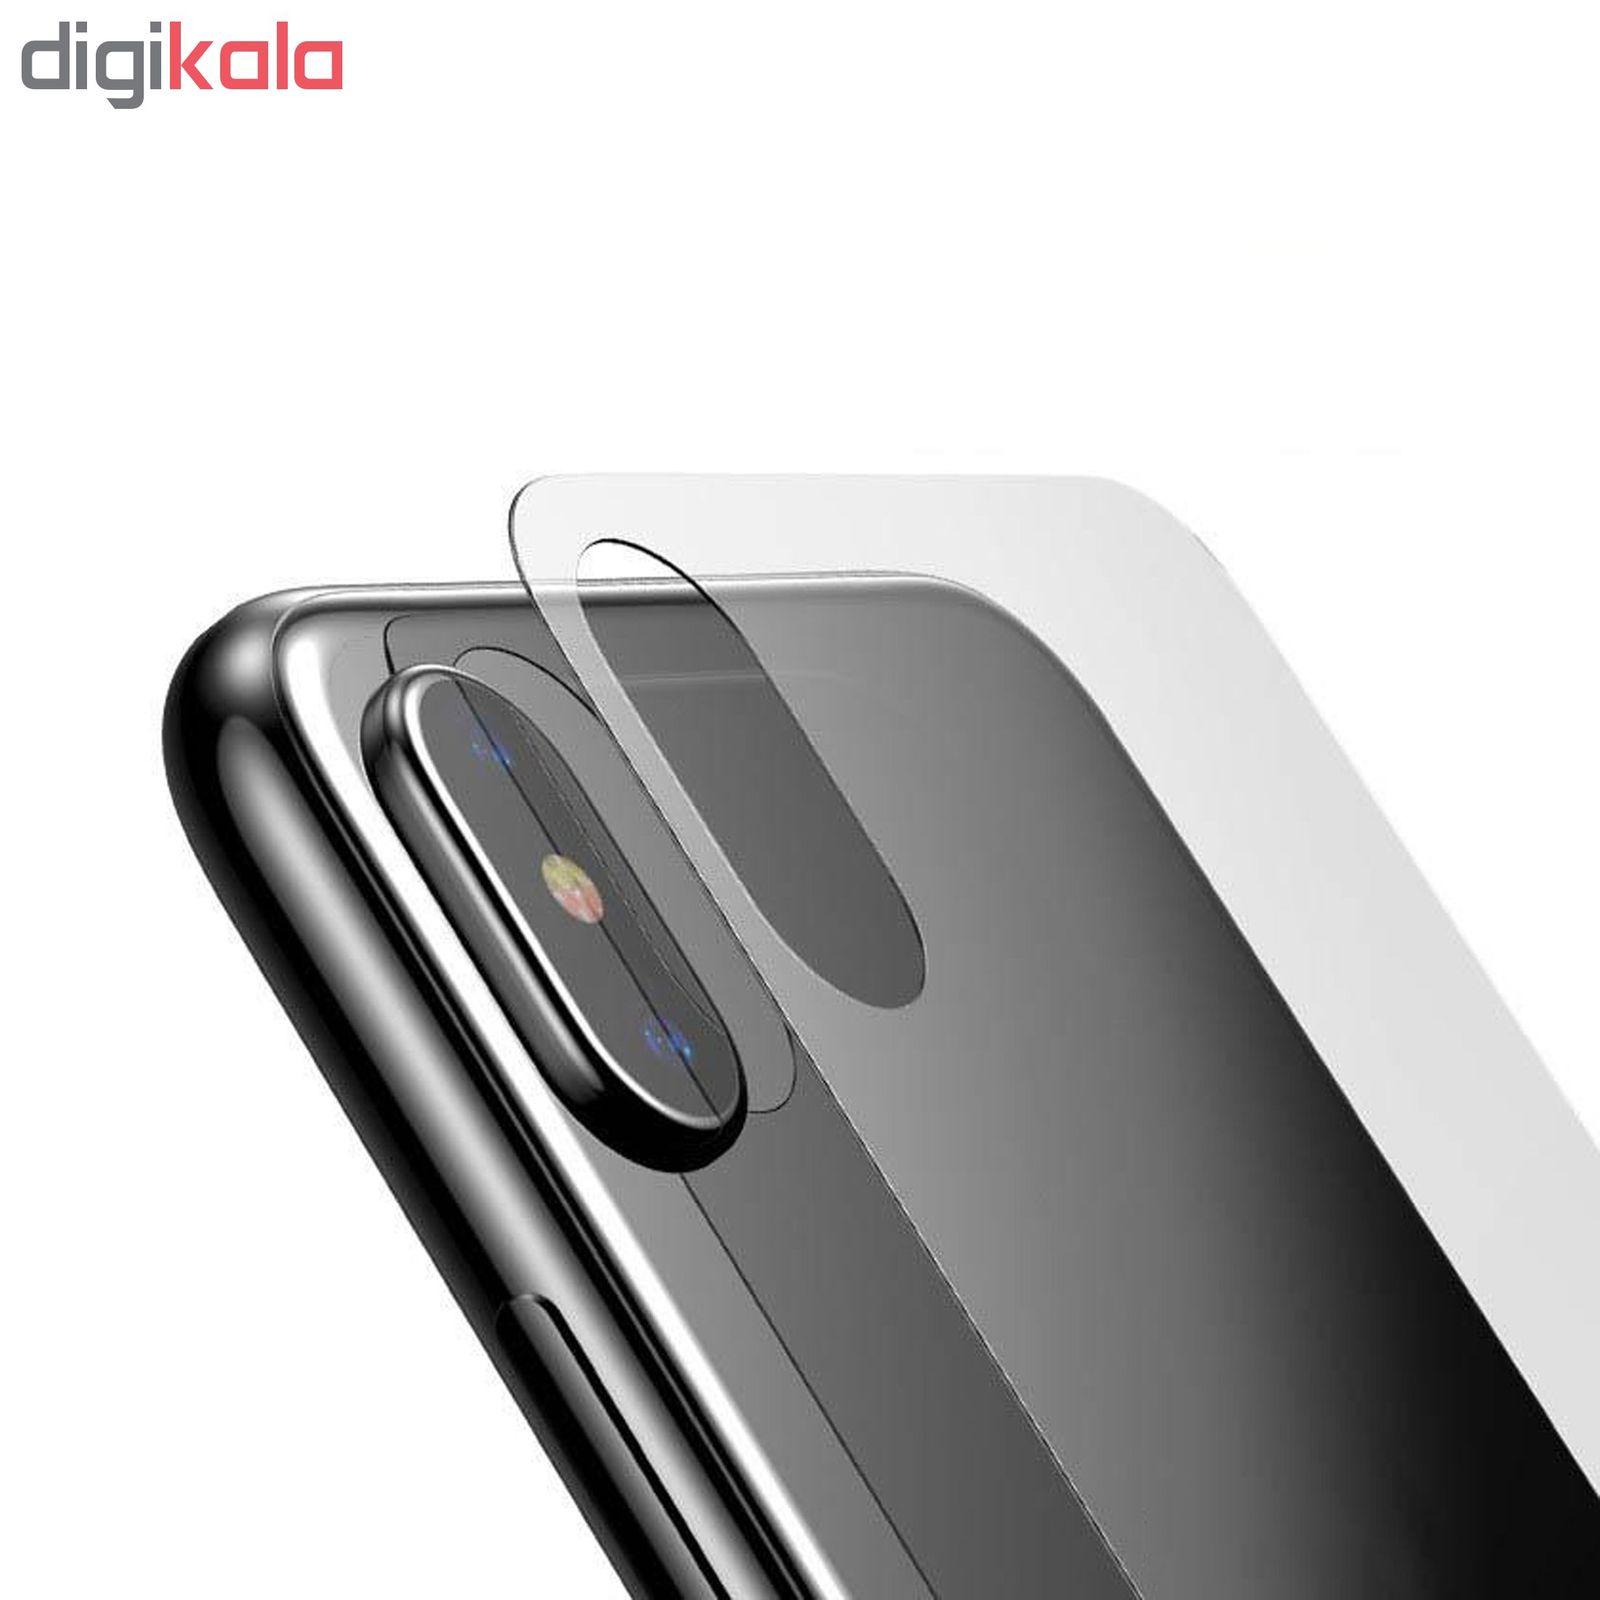 محافظ پشت گوشی مدل Fu-01 مناسب برای گوشی موبایل اپل Iphone X/Xs main 1 4